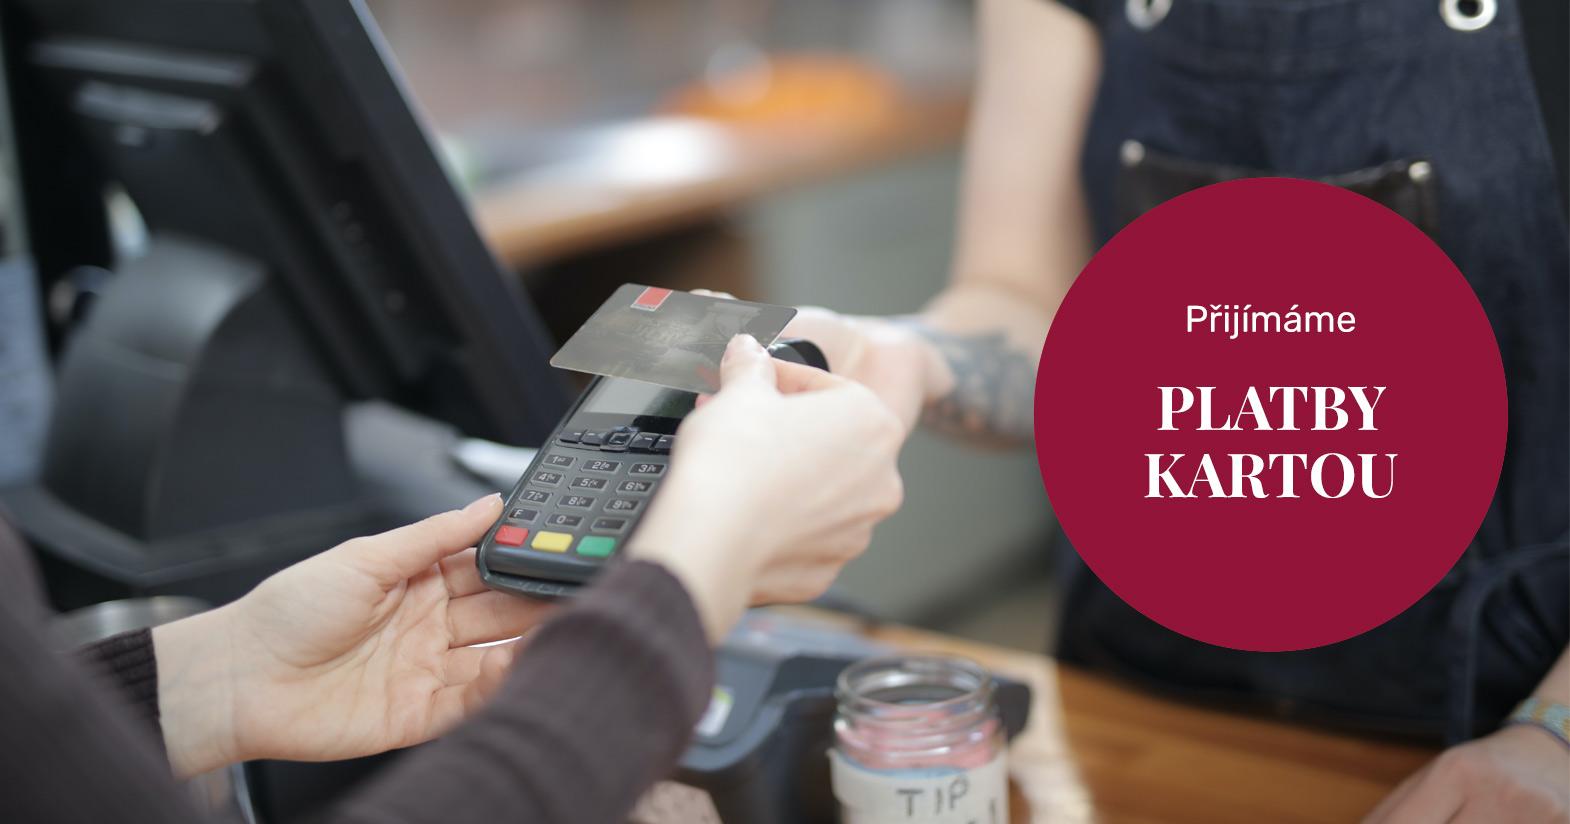 Od 05/2020 přijímáme platby kartou